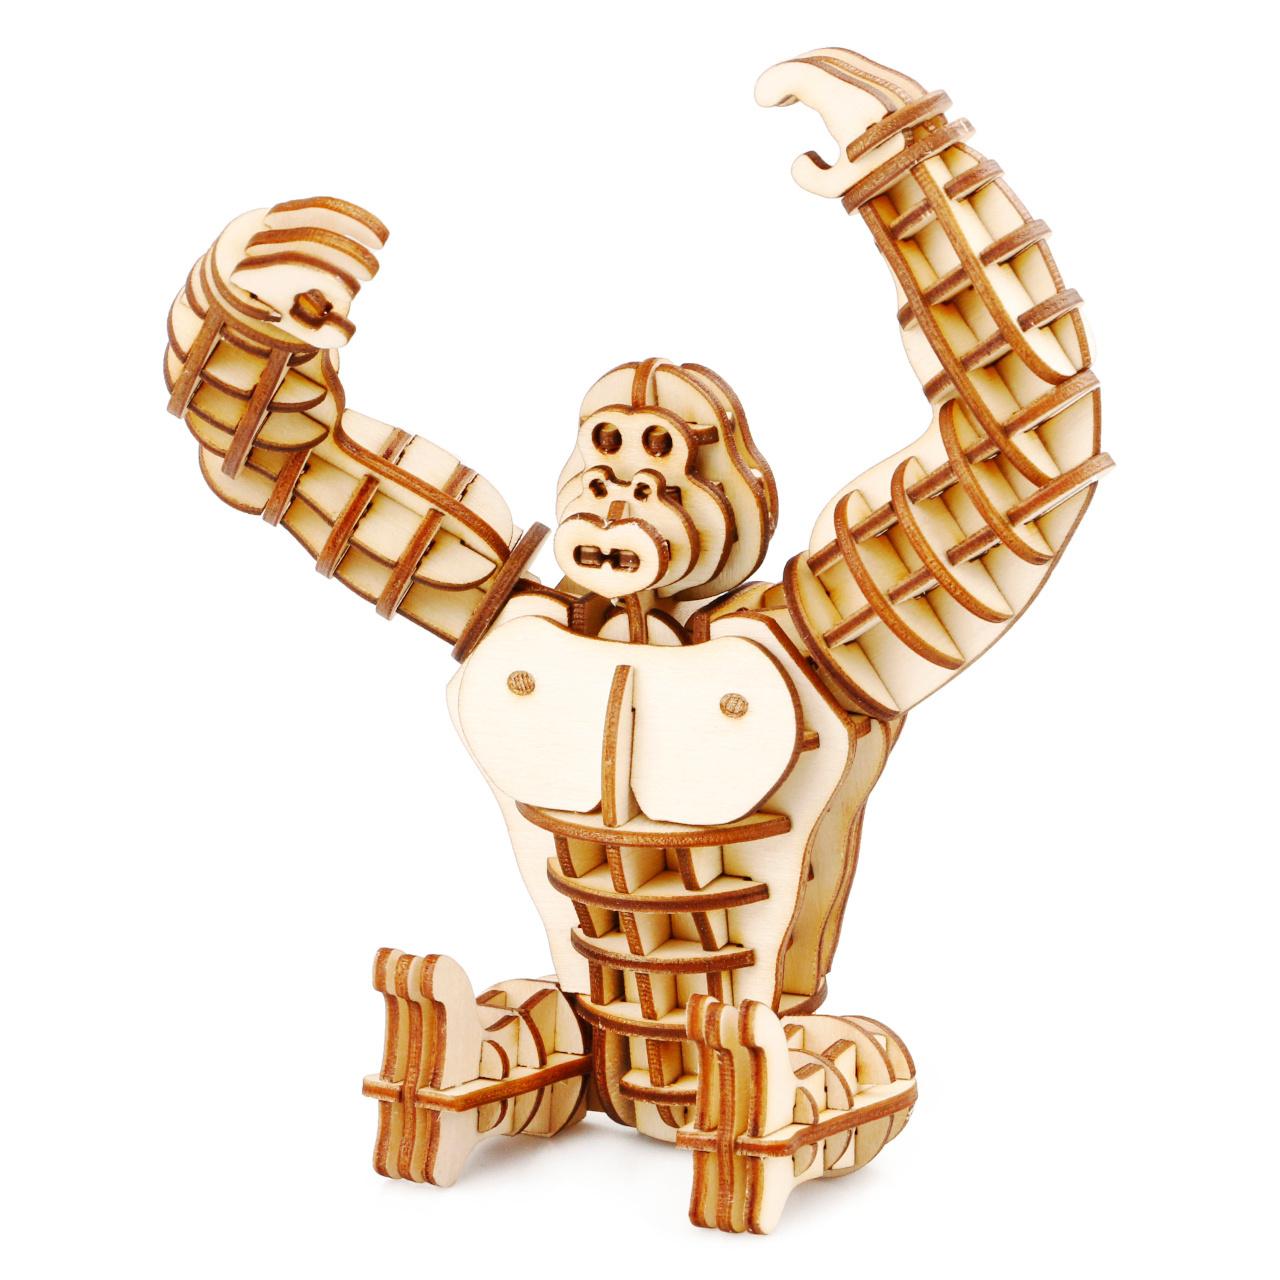 RoboTime dřevěné 3D puzzle Gorila